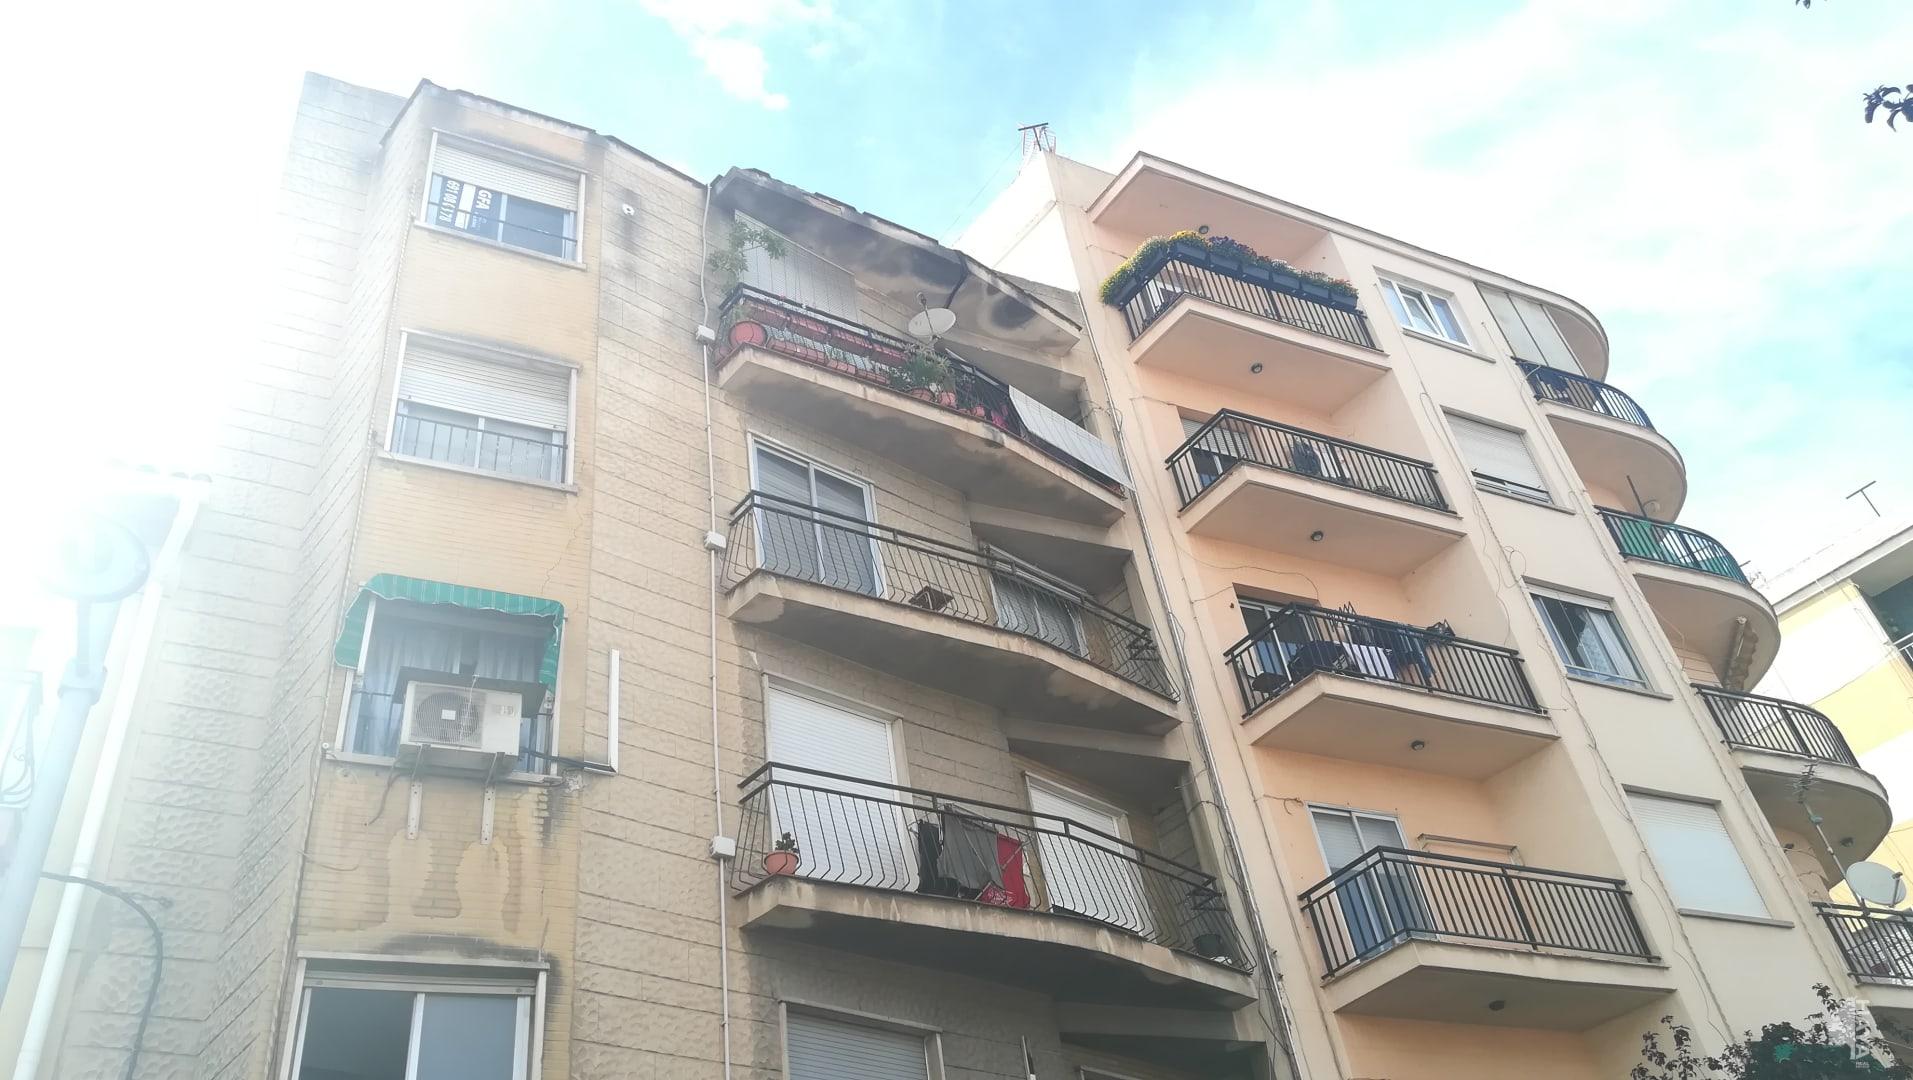 Piso en venta en Gandia, Valencia, Calle Lector Romero, 28.200 €, 3 habitaciones, 1 baño, 63 m2